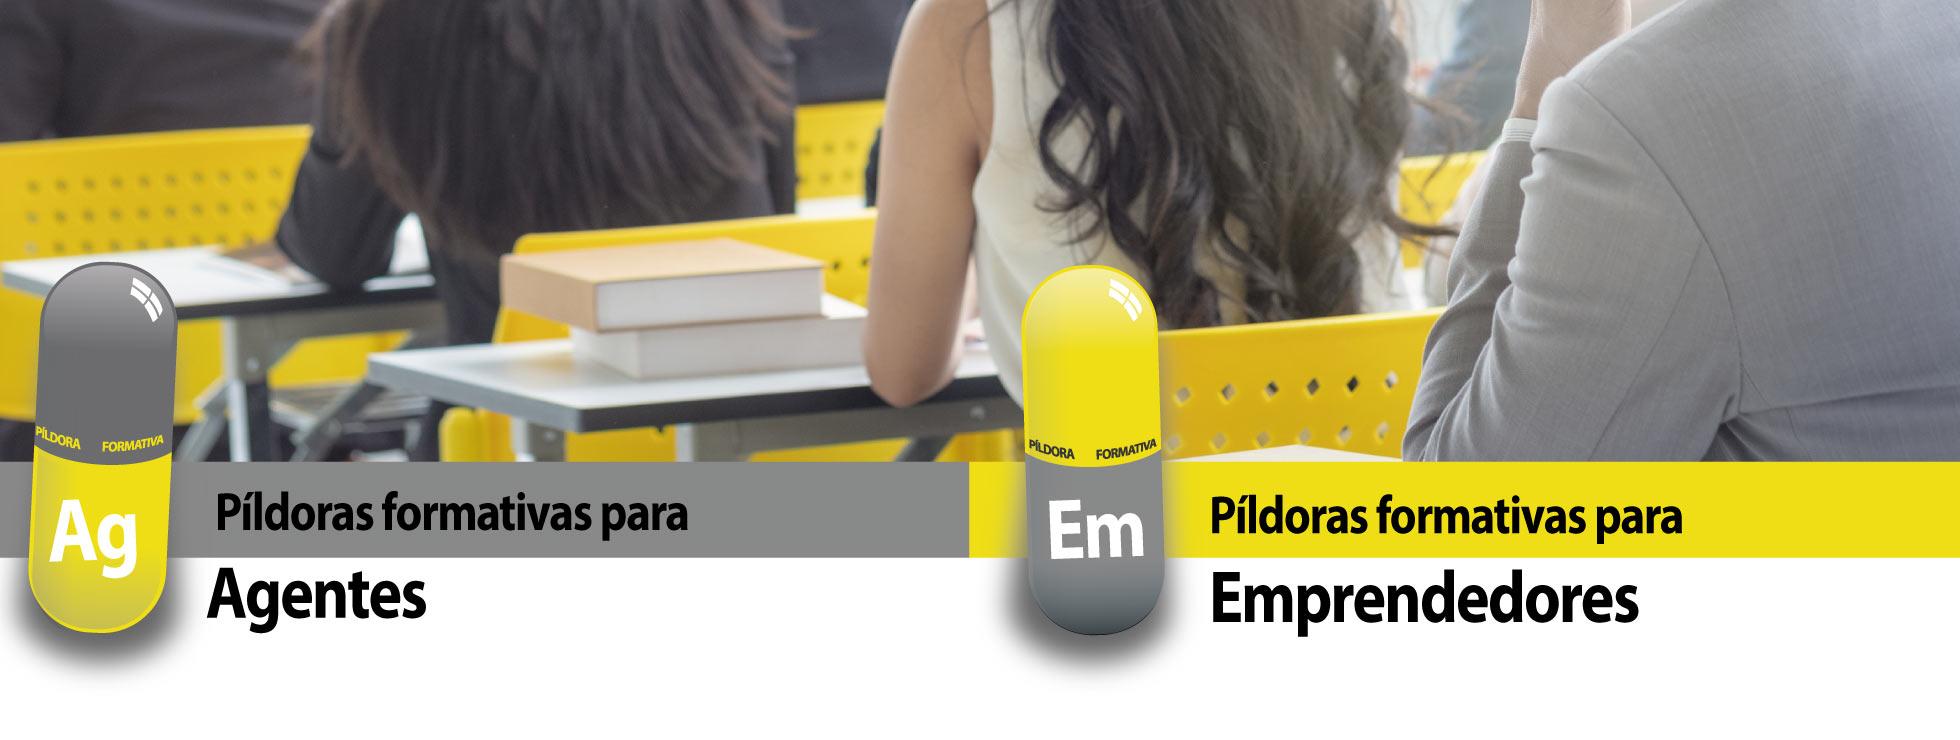 pildoras_formativas 1